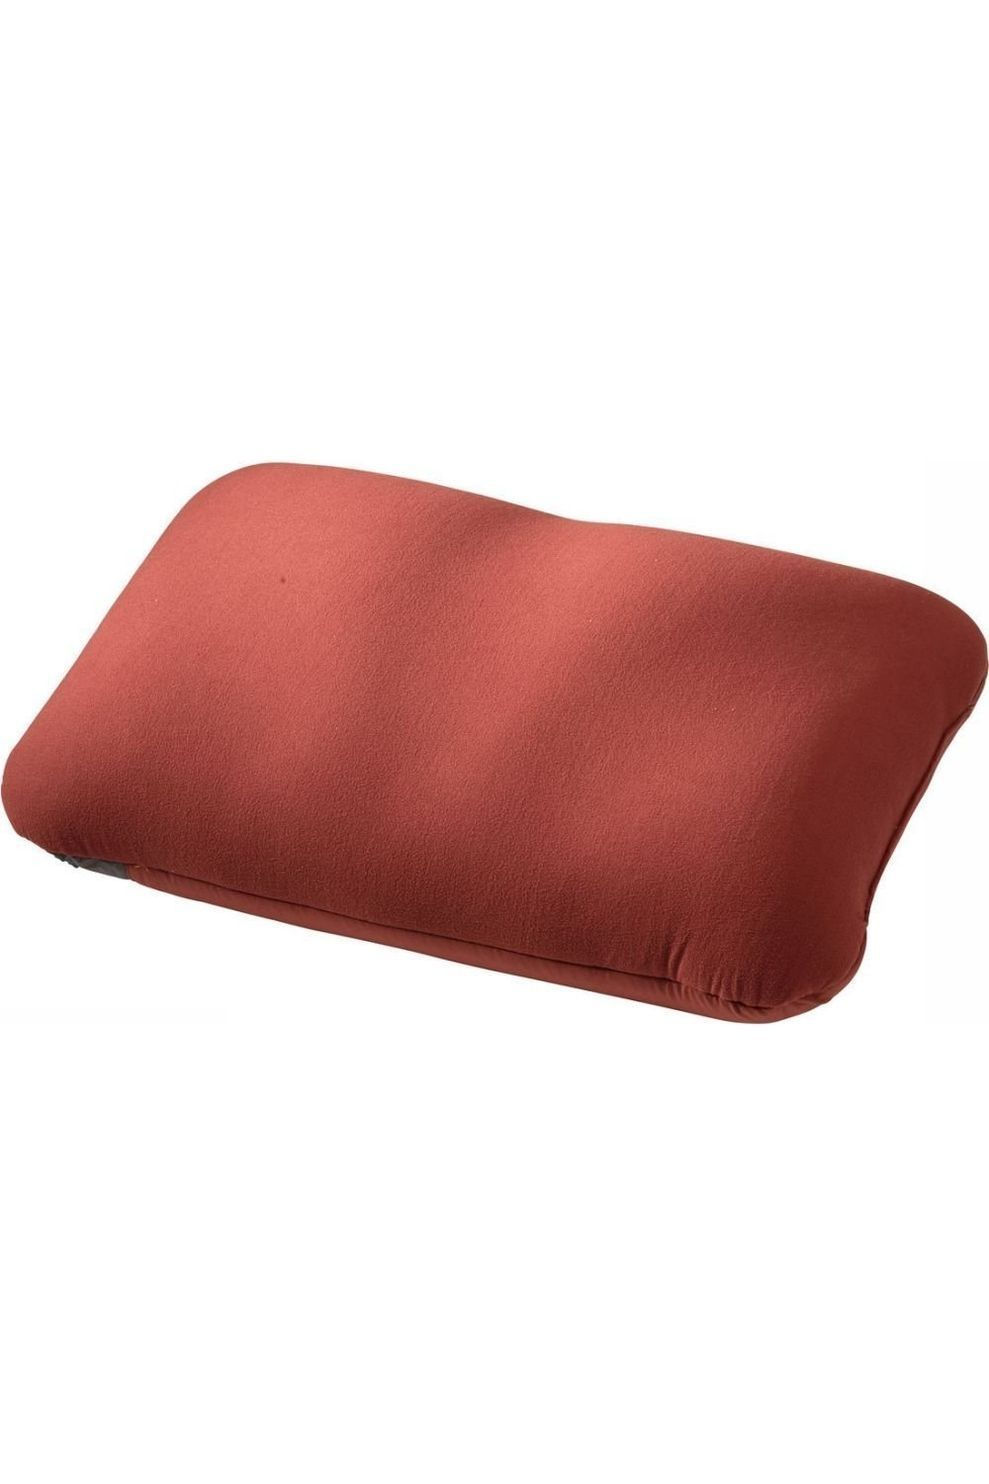 VAUDE Kussen Pillow L - Rood